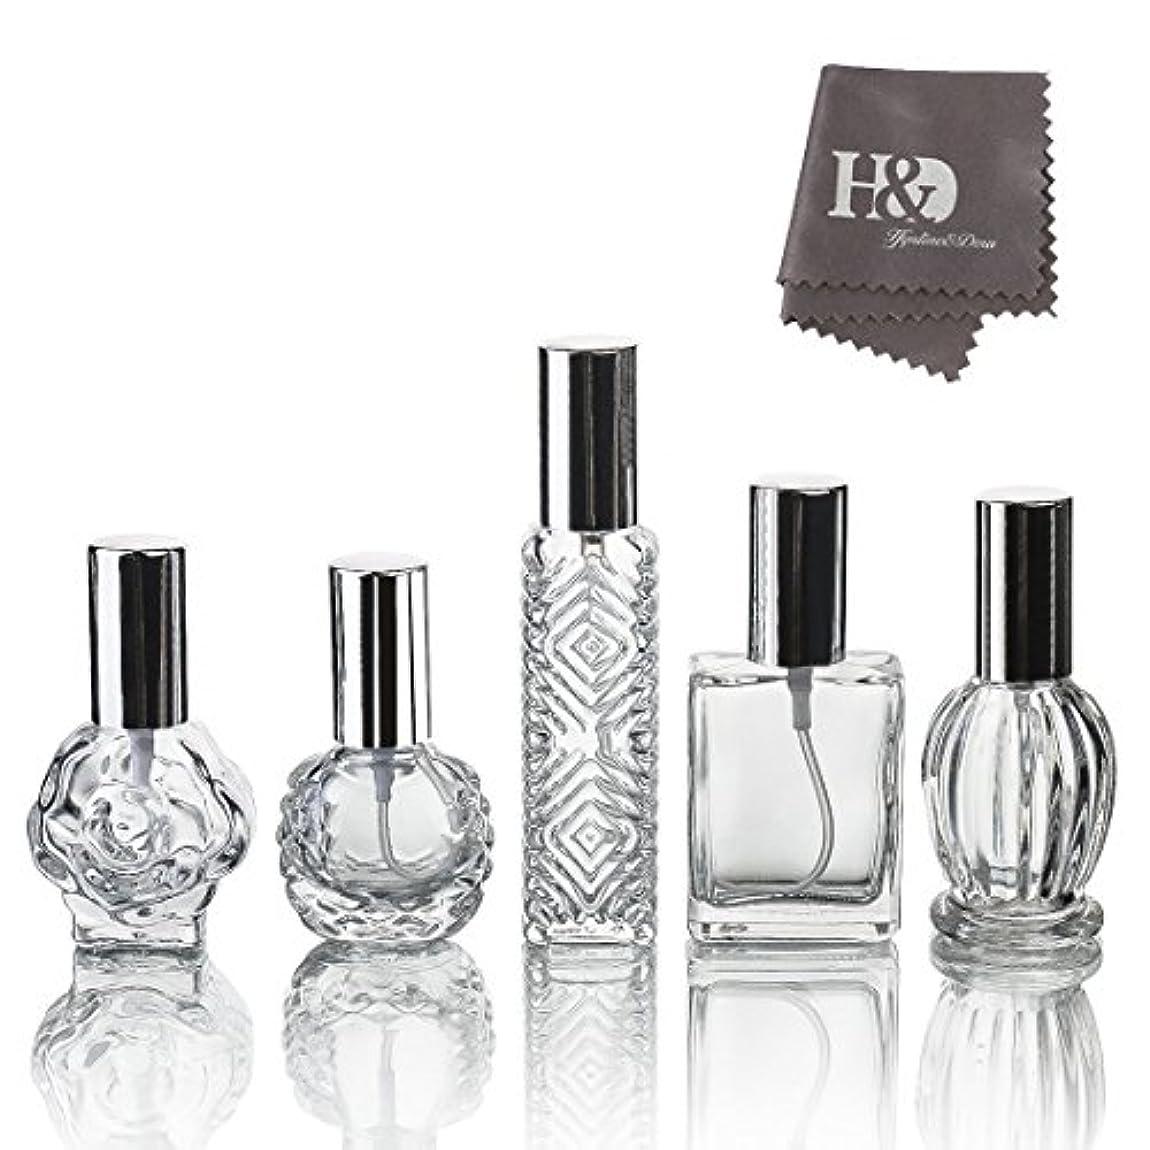 同級生爆風キャリッジH&D 5枚セット ガラスボトル 香水瓶 詰替用瓶 分け瓶 旅行用品 化粧水用瓶 装飾雑貨 ガラス製 (2)